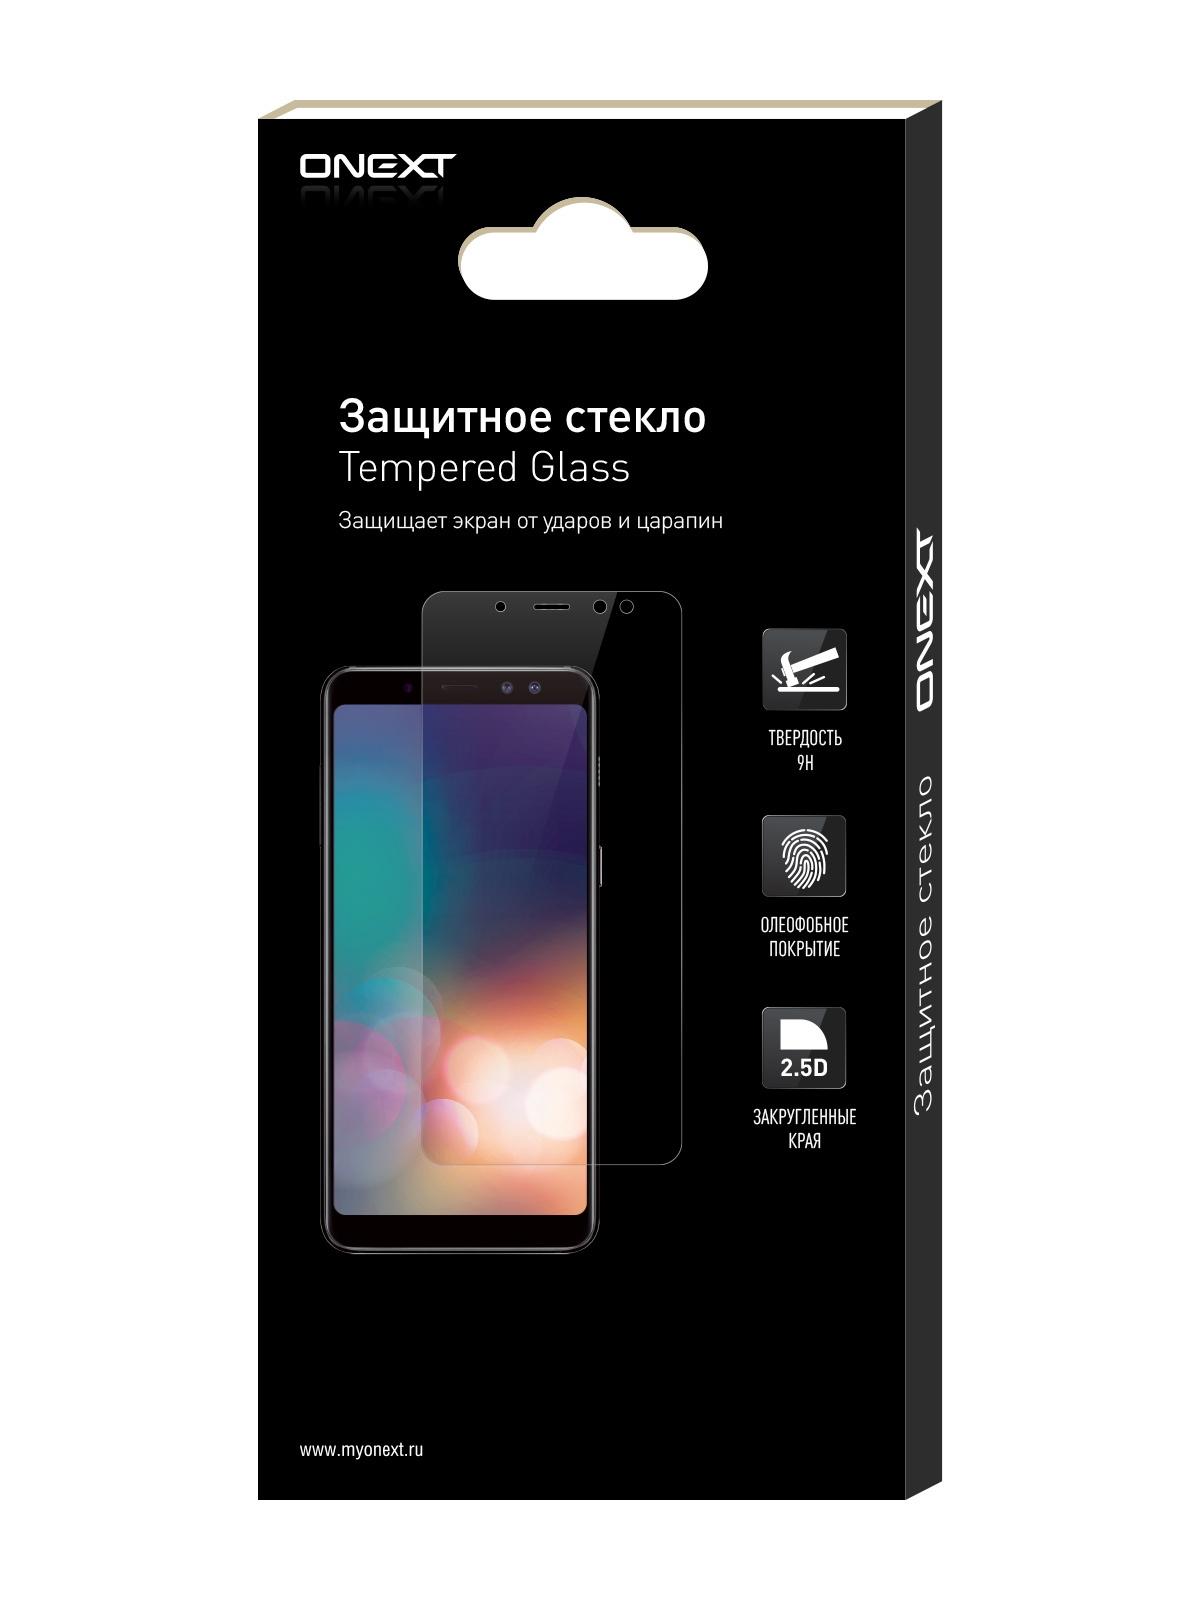 Защитное стекло ONEXT LG K5 цена и фото